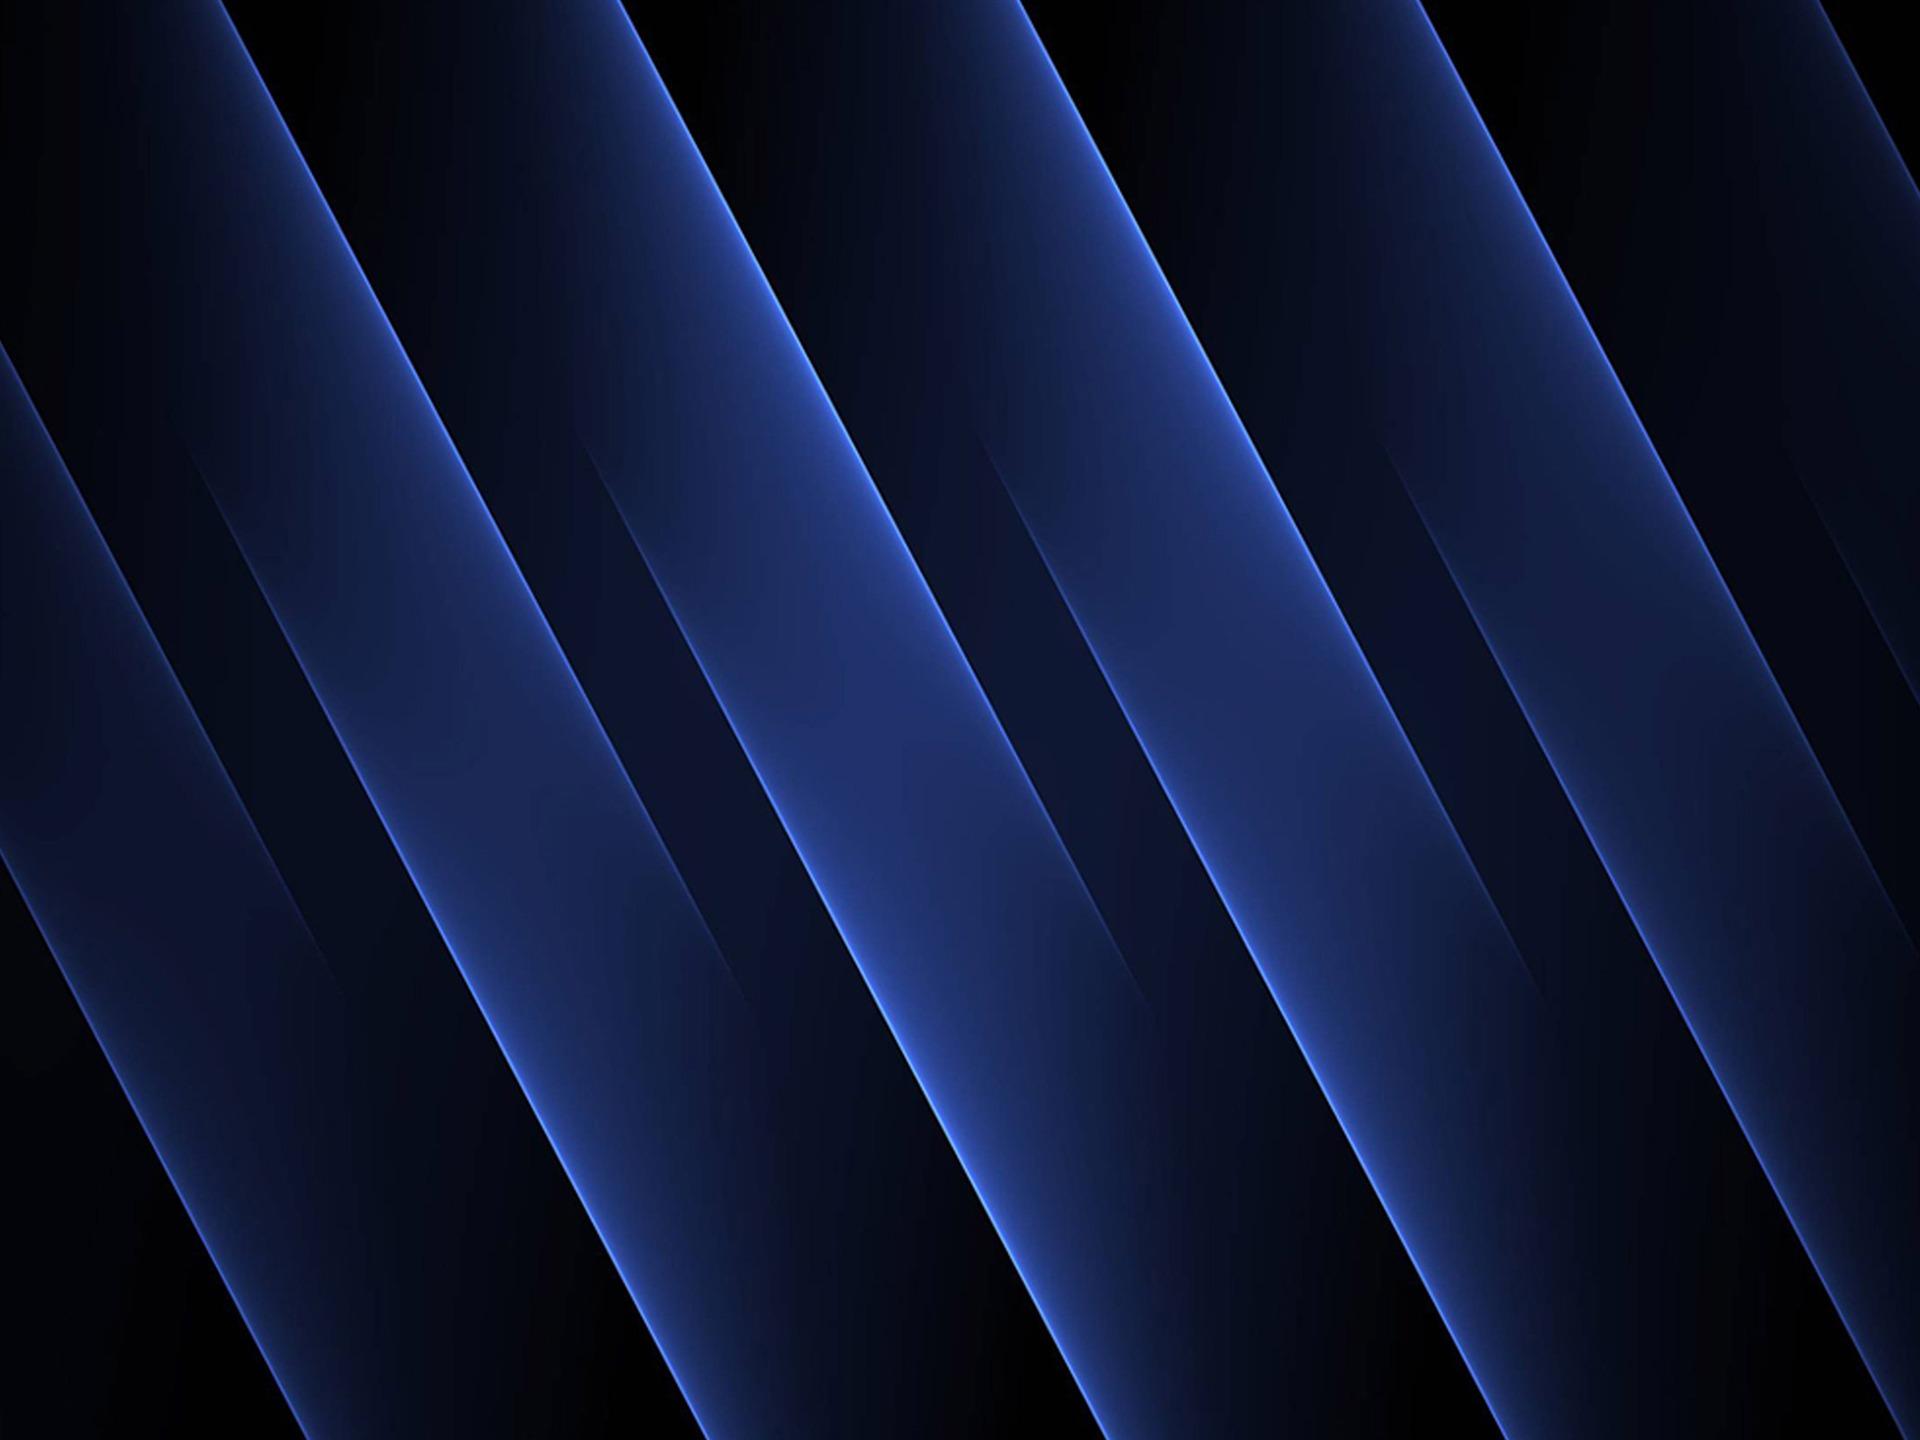 Bleu Rayures Abstrait Noir Fond Aperçu 10wallpapercom